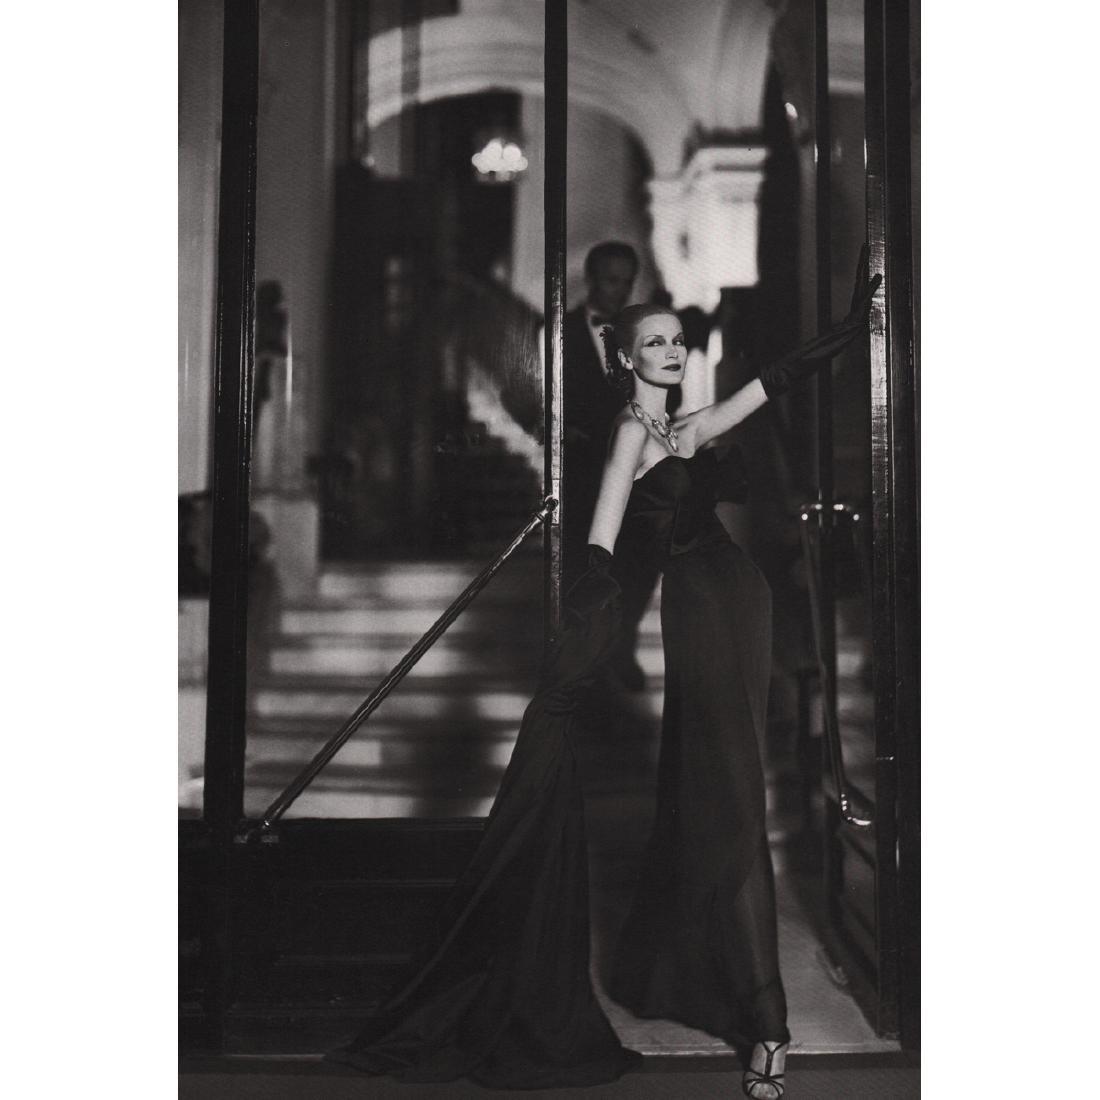 RICHARD AVEDON - Sunny Harnett, Dress by